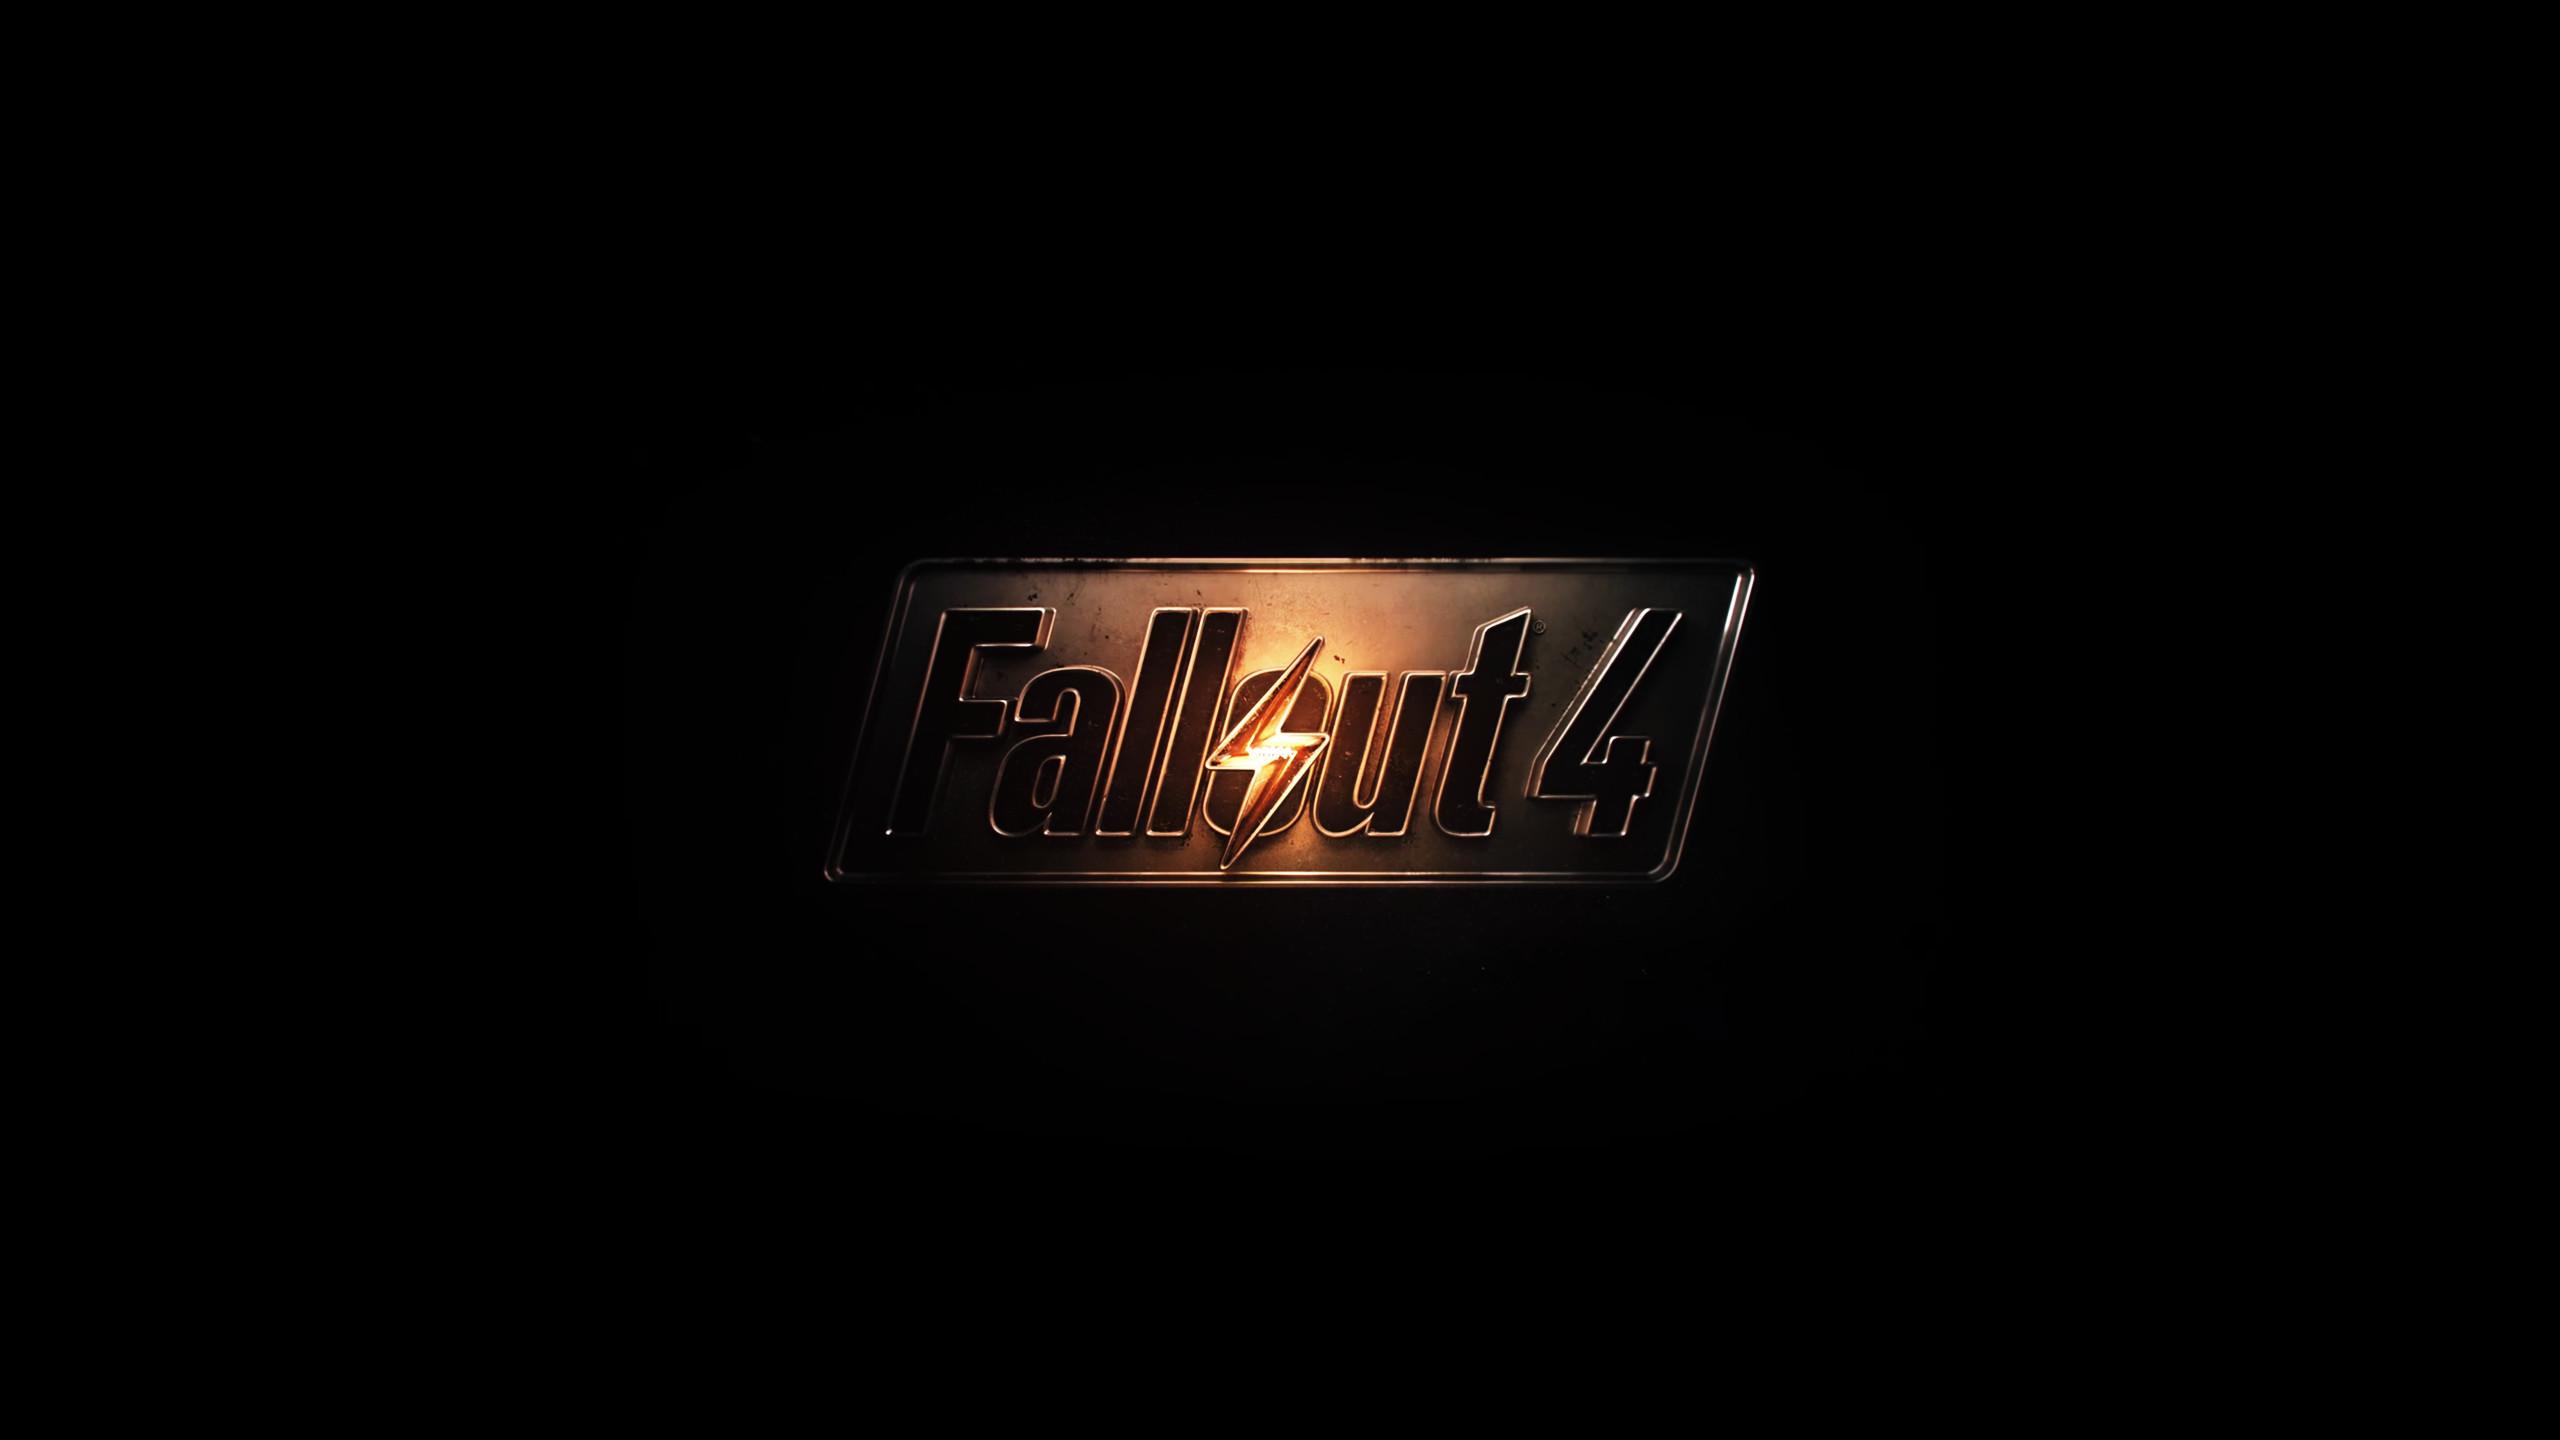 Fallout 4 – Logo Wallpaper : Fallout